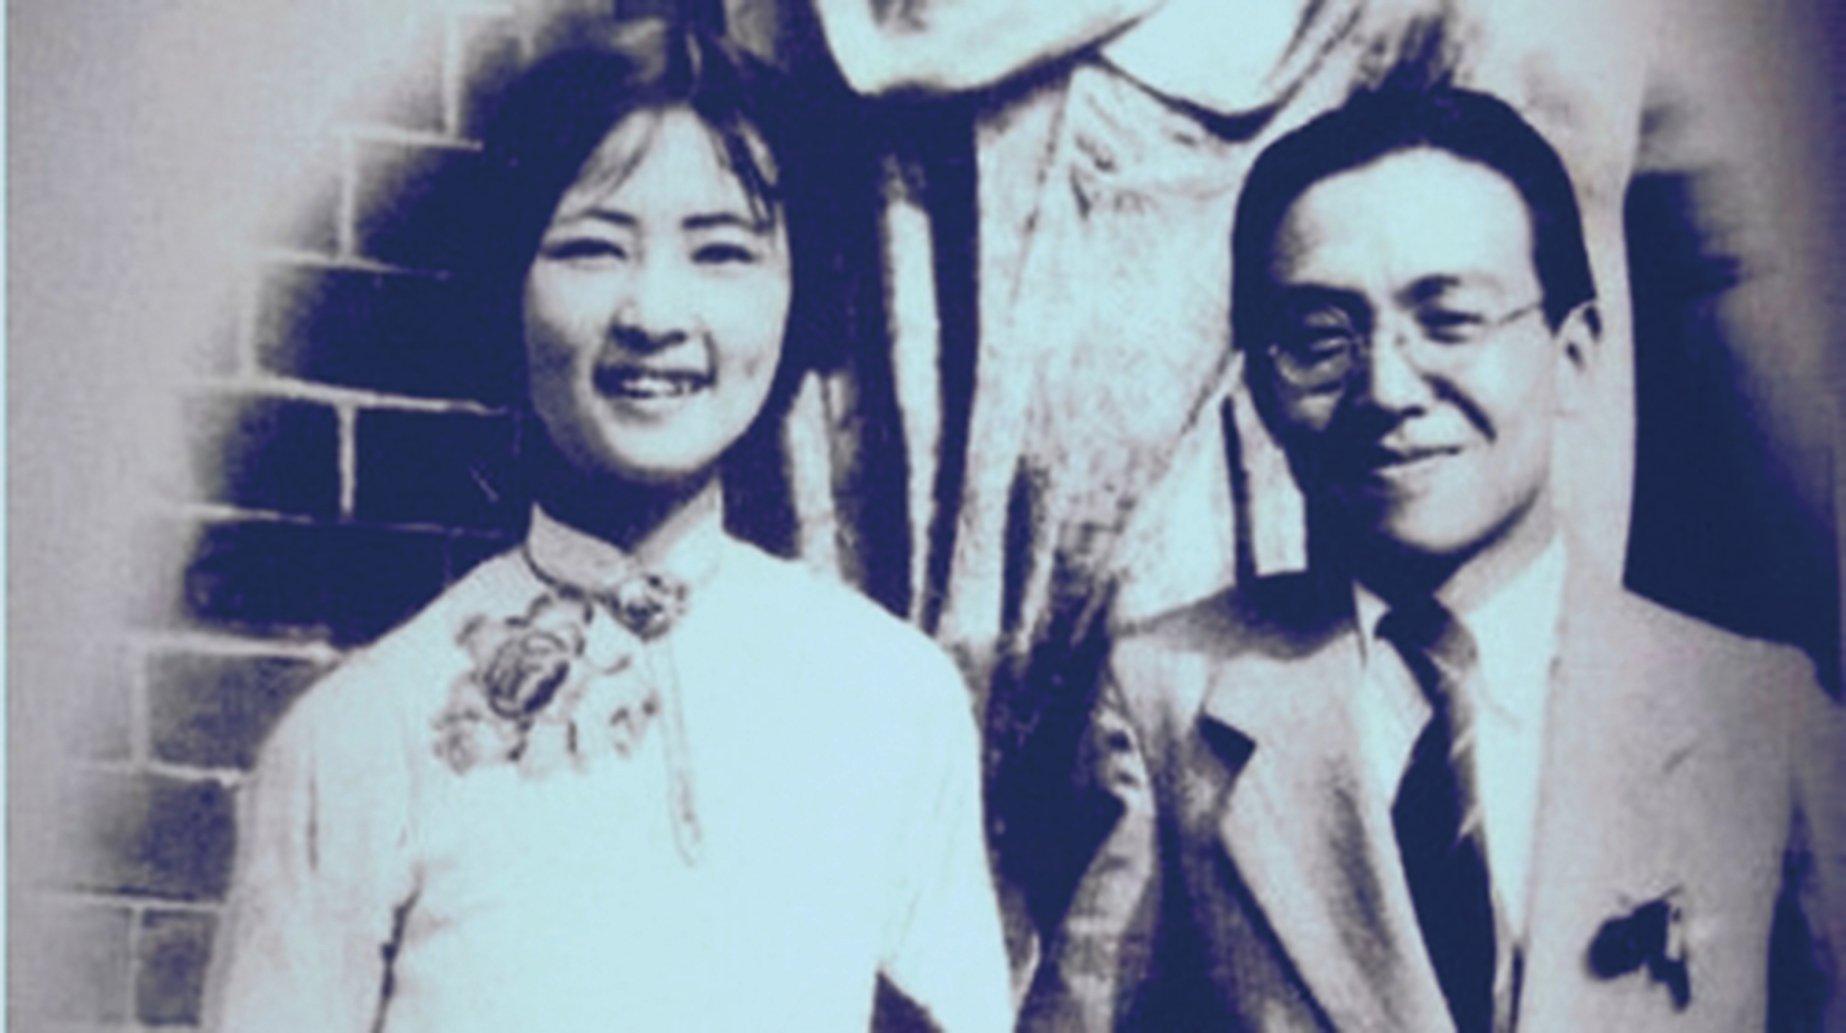 梁思成與林徽因的悲慘命運,讓人不勝唏噓。(網絡資料圖片)